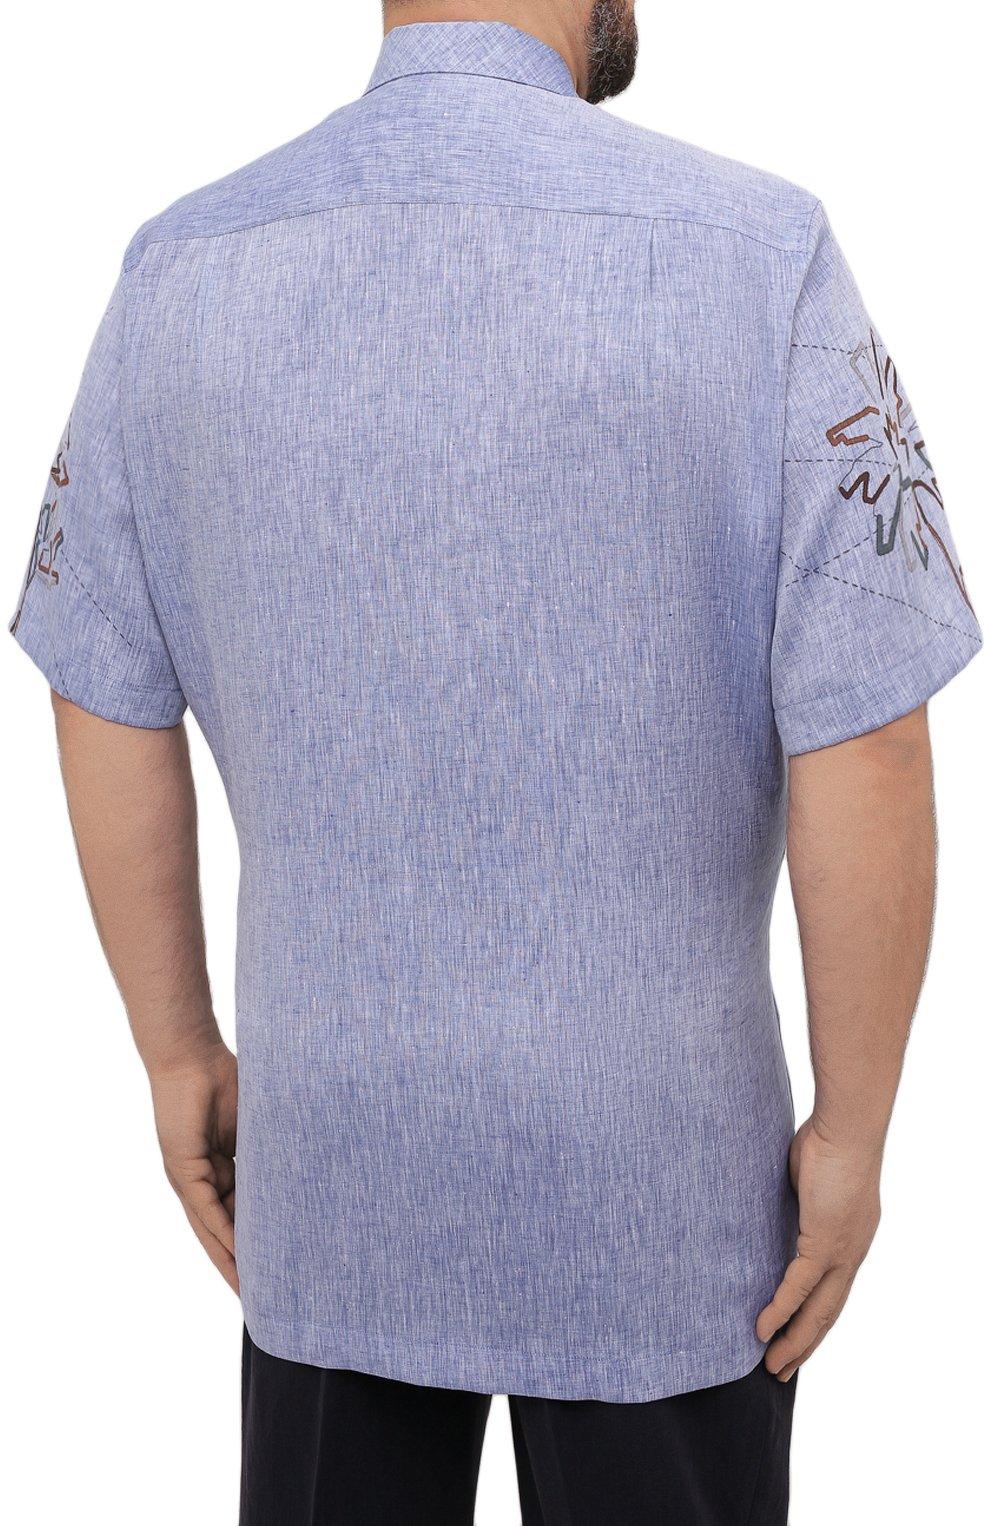 Мужская льняная рубашка CORTIGIANI синего цвета, арт. 115620/0000/60-70   Фото 4 (Воротник: Акула; Рукава: Короткие; Случай: Повседневный; Принт: С принтом; Длина (для топов): Удлиненные; Материал внешний: Лен; Стили: Кэжуэл)